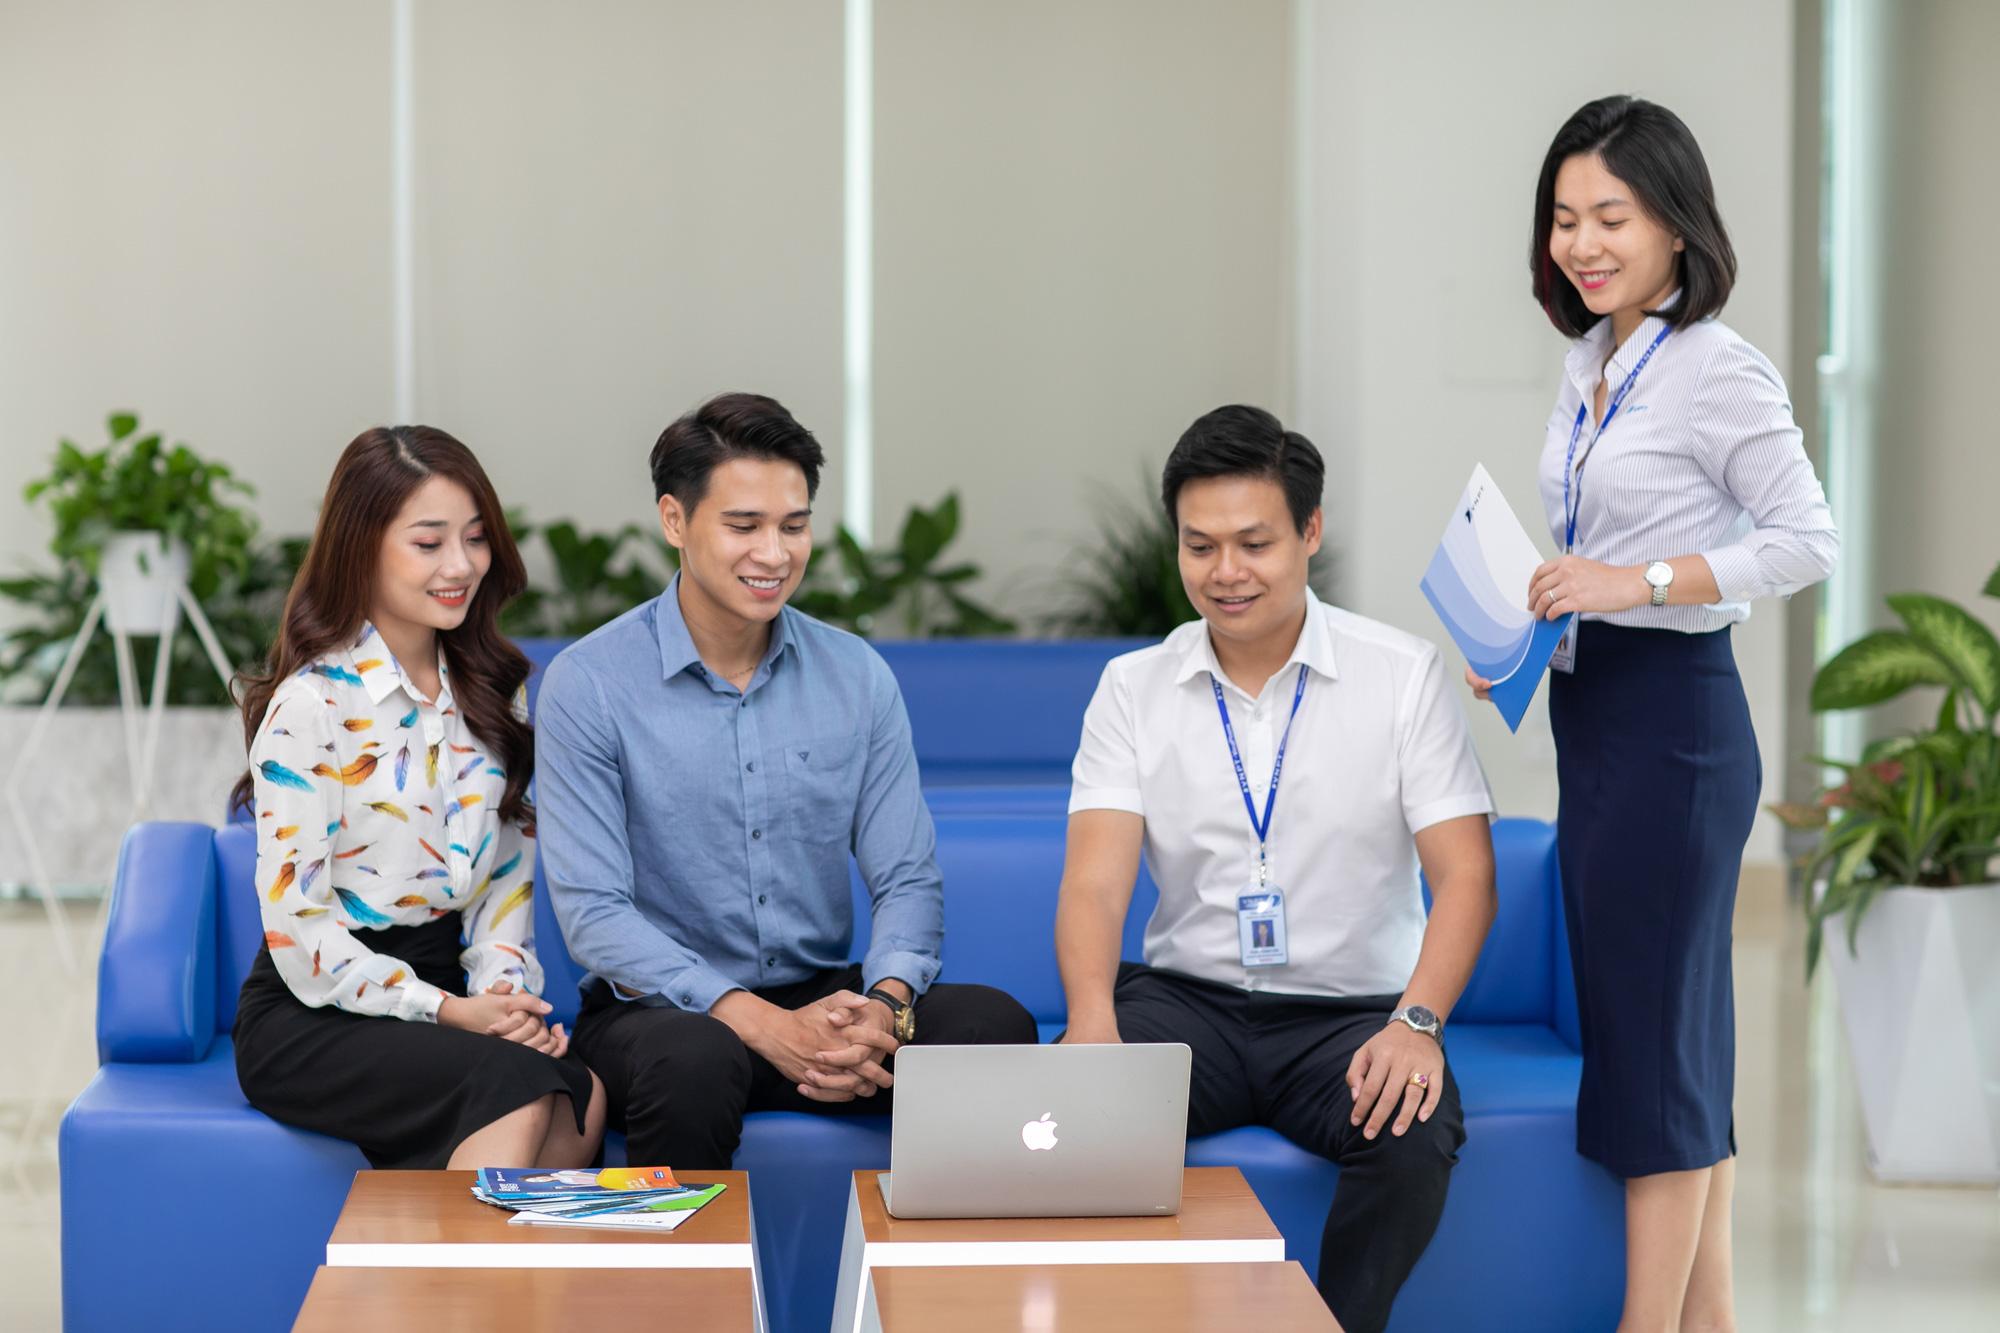 VNPT đạt nhiều giải nhất tại Giải thưởng công nghệ thông tin thế giới năm 2020 - Ảnh 3.